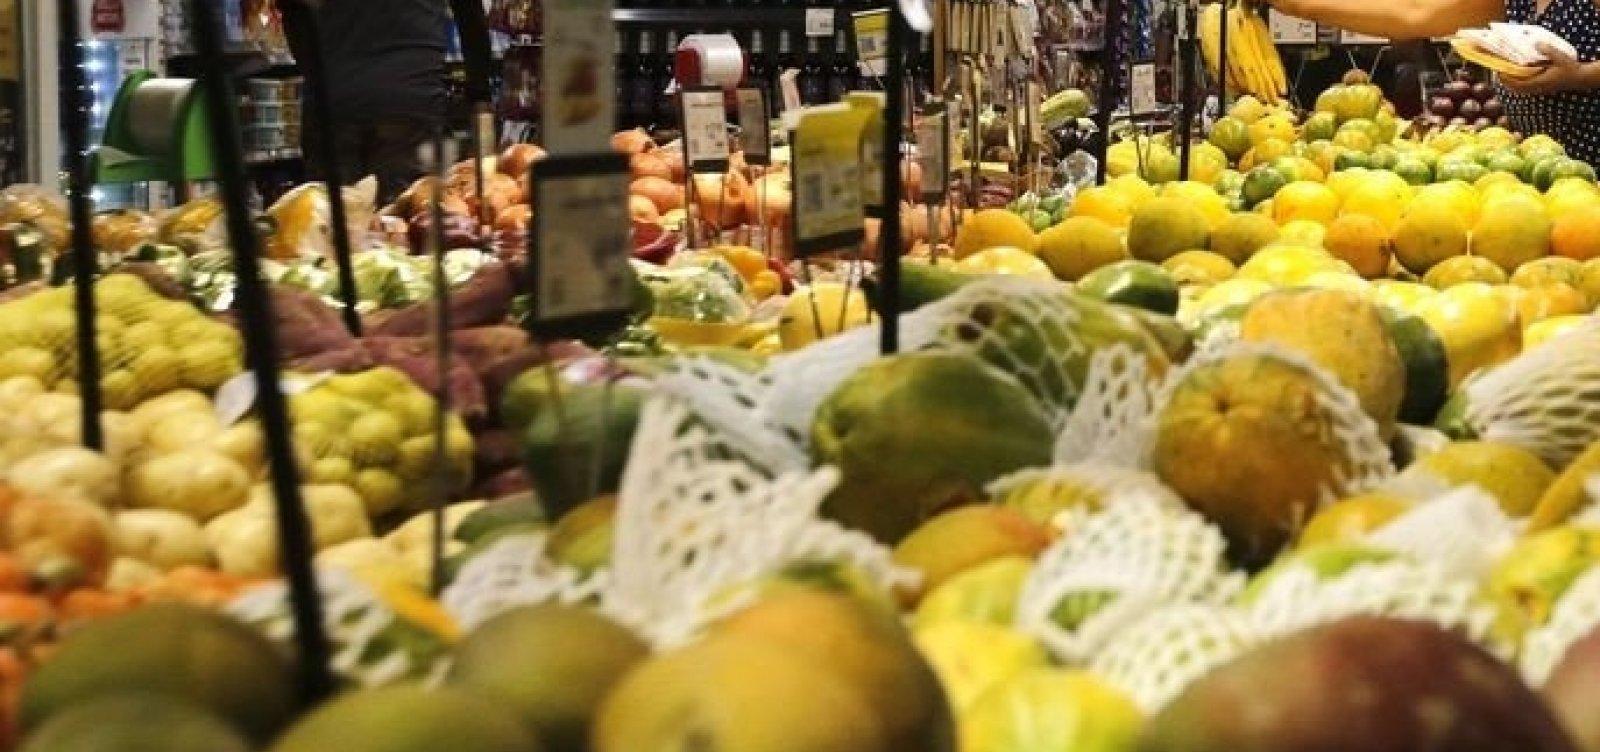 [Após revelação sobre gastos com alimentos pelo governo, Portal da Transparência fica fora do ar]